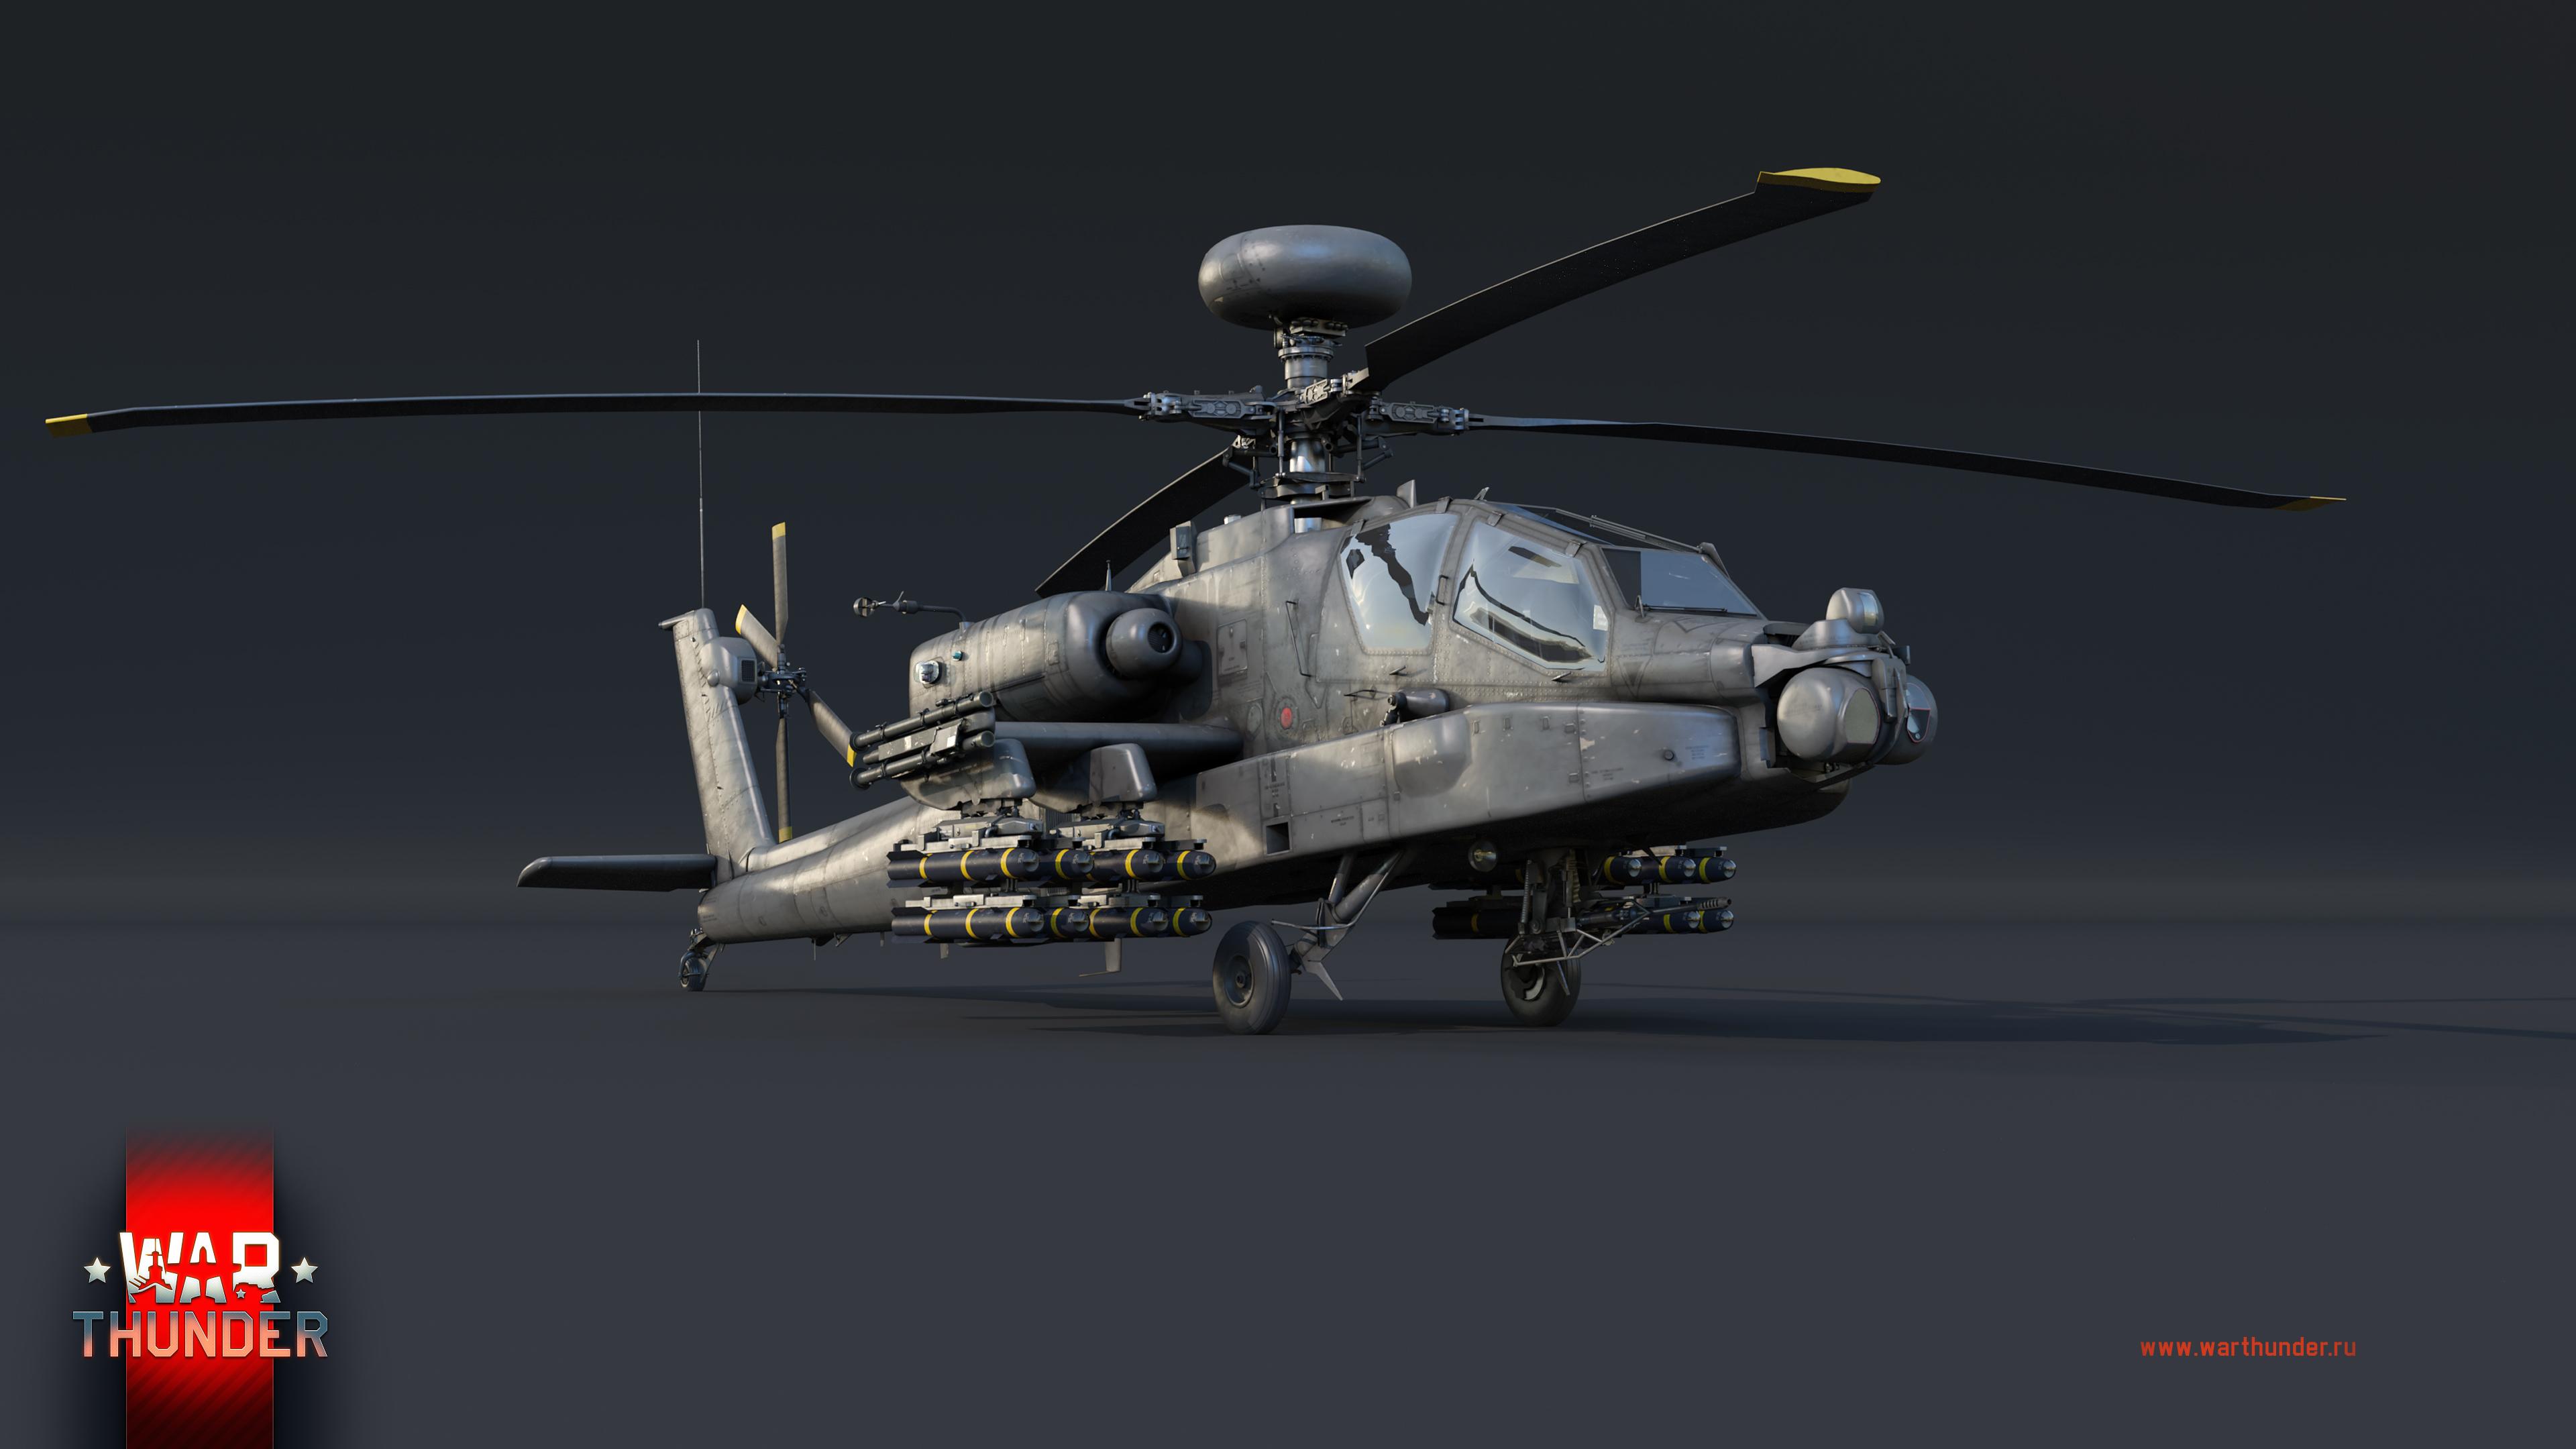 Обои ah-64 «апач», основной, ударный, apache. Авиация foto 19